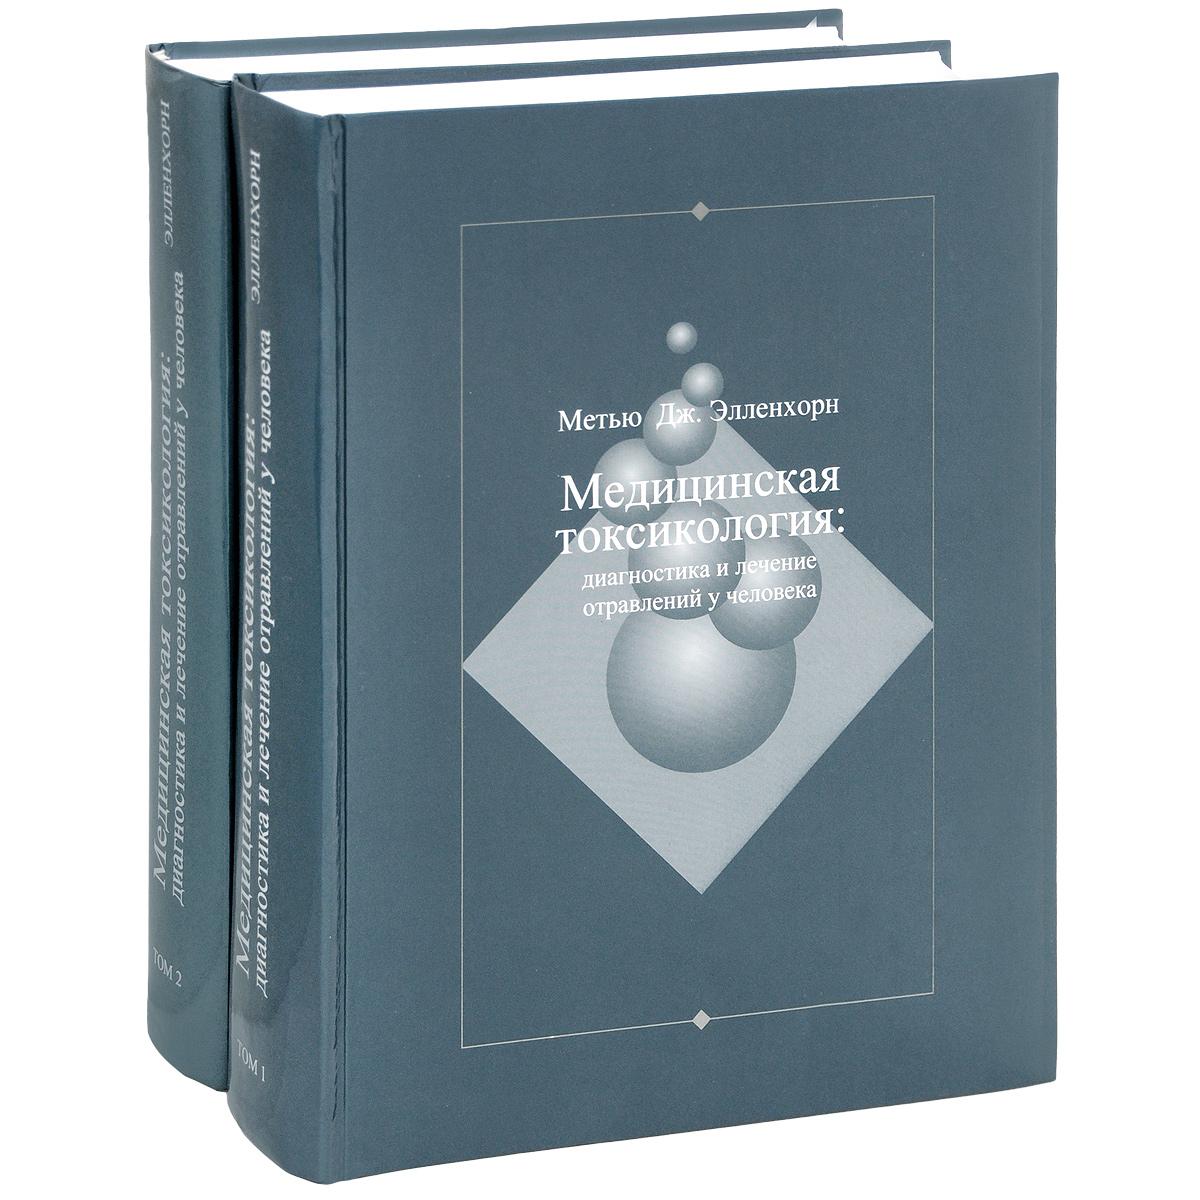 Медицинская токсикология. Диагностика и лечение отравлений у человека. В 2 томах (комплект)